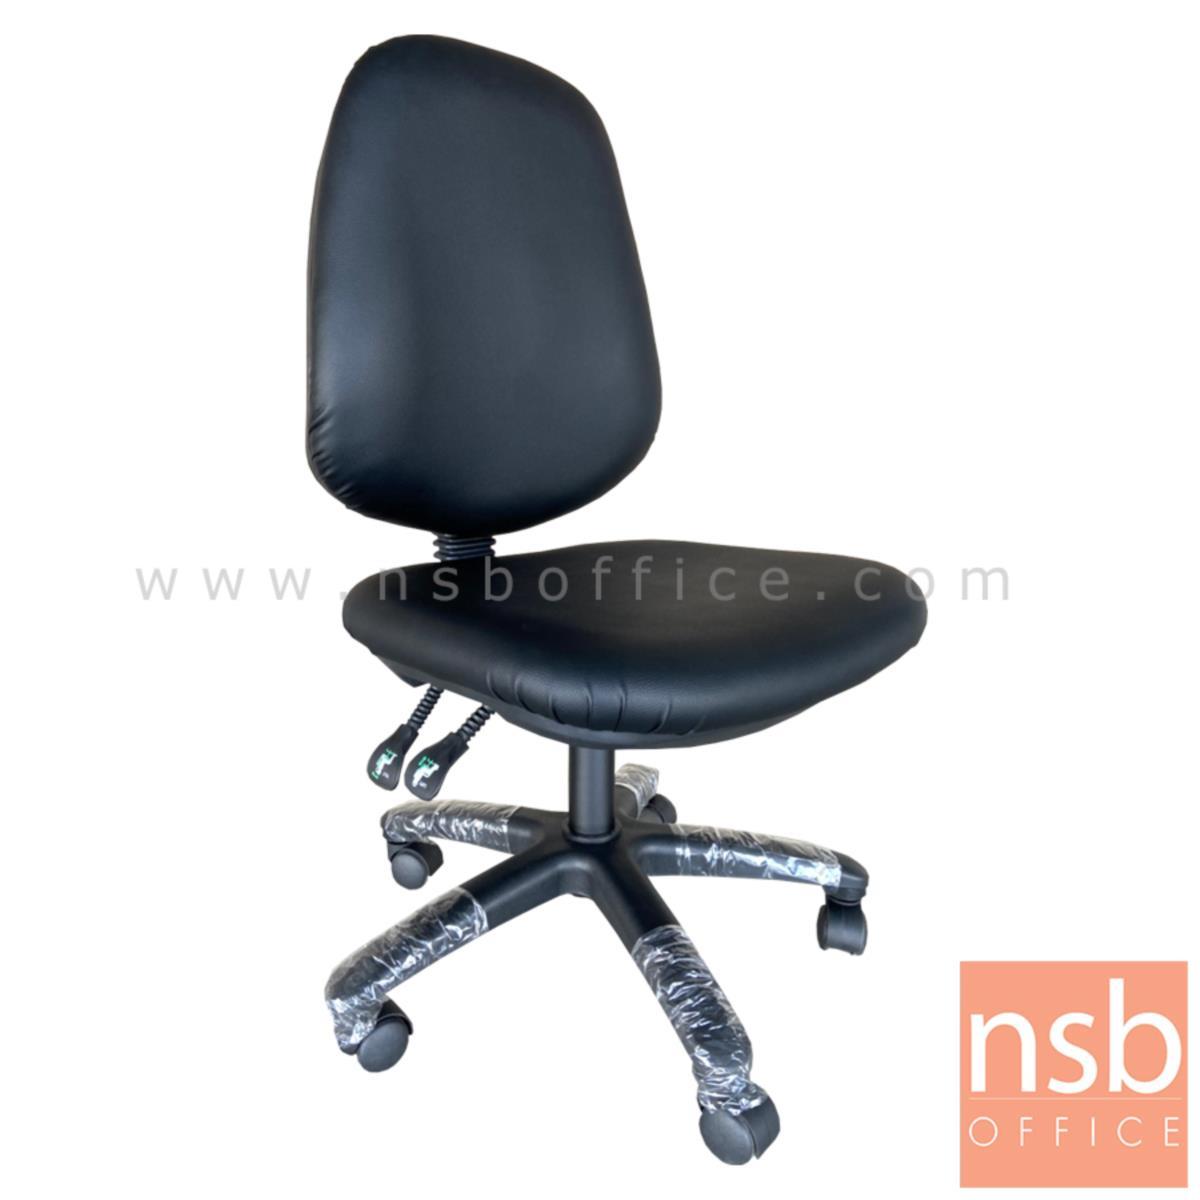 B33A008:เก้าอี้สำนักงานไม่มีแขน รุ่น Payton (เพย์ตัน) ขาพลาสติก